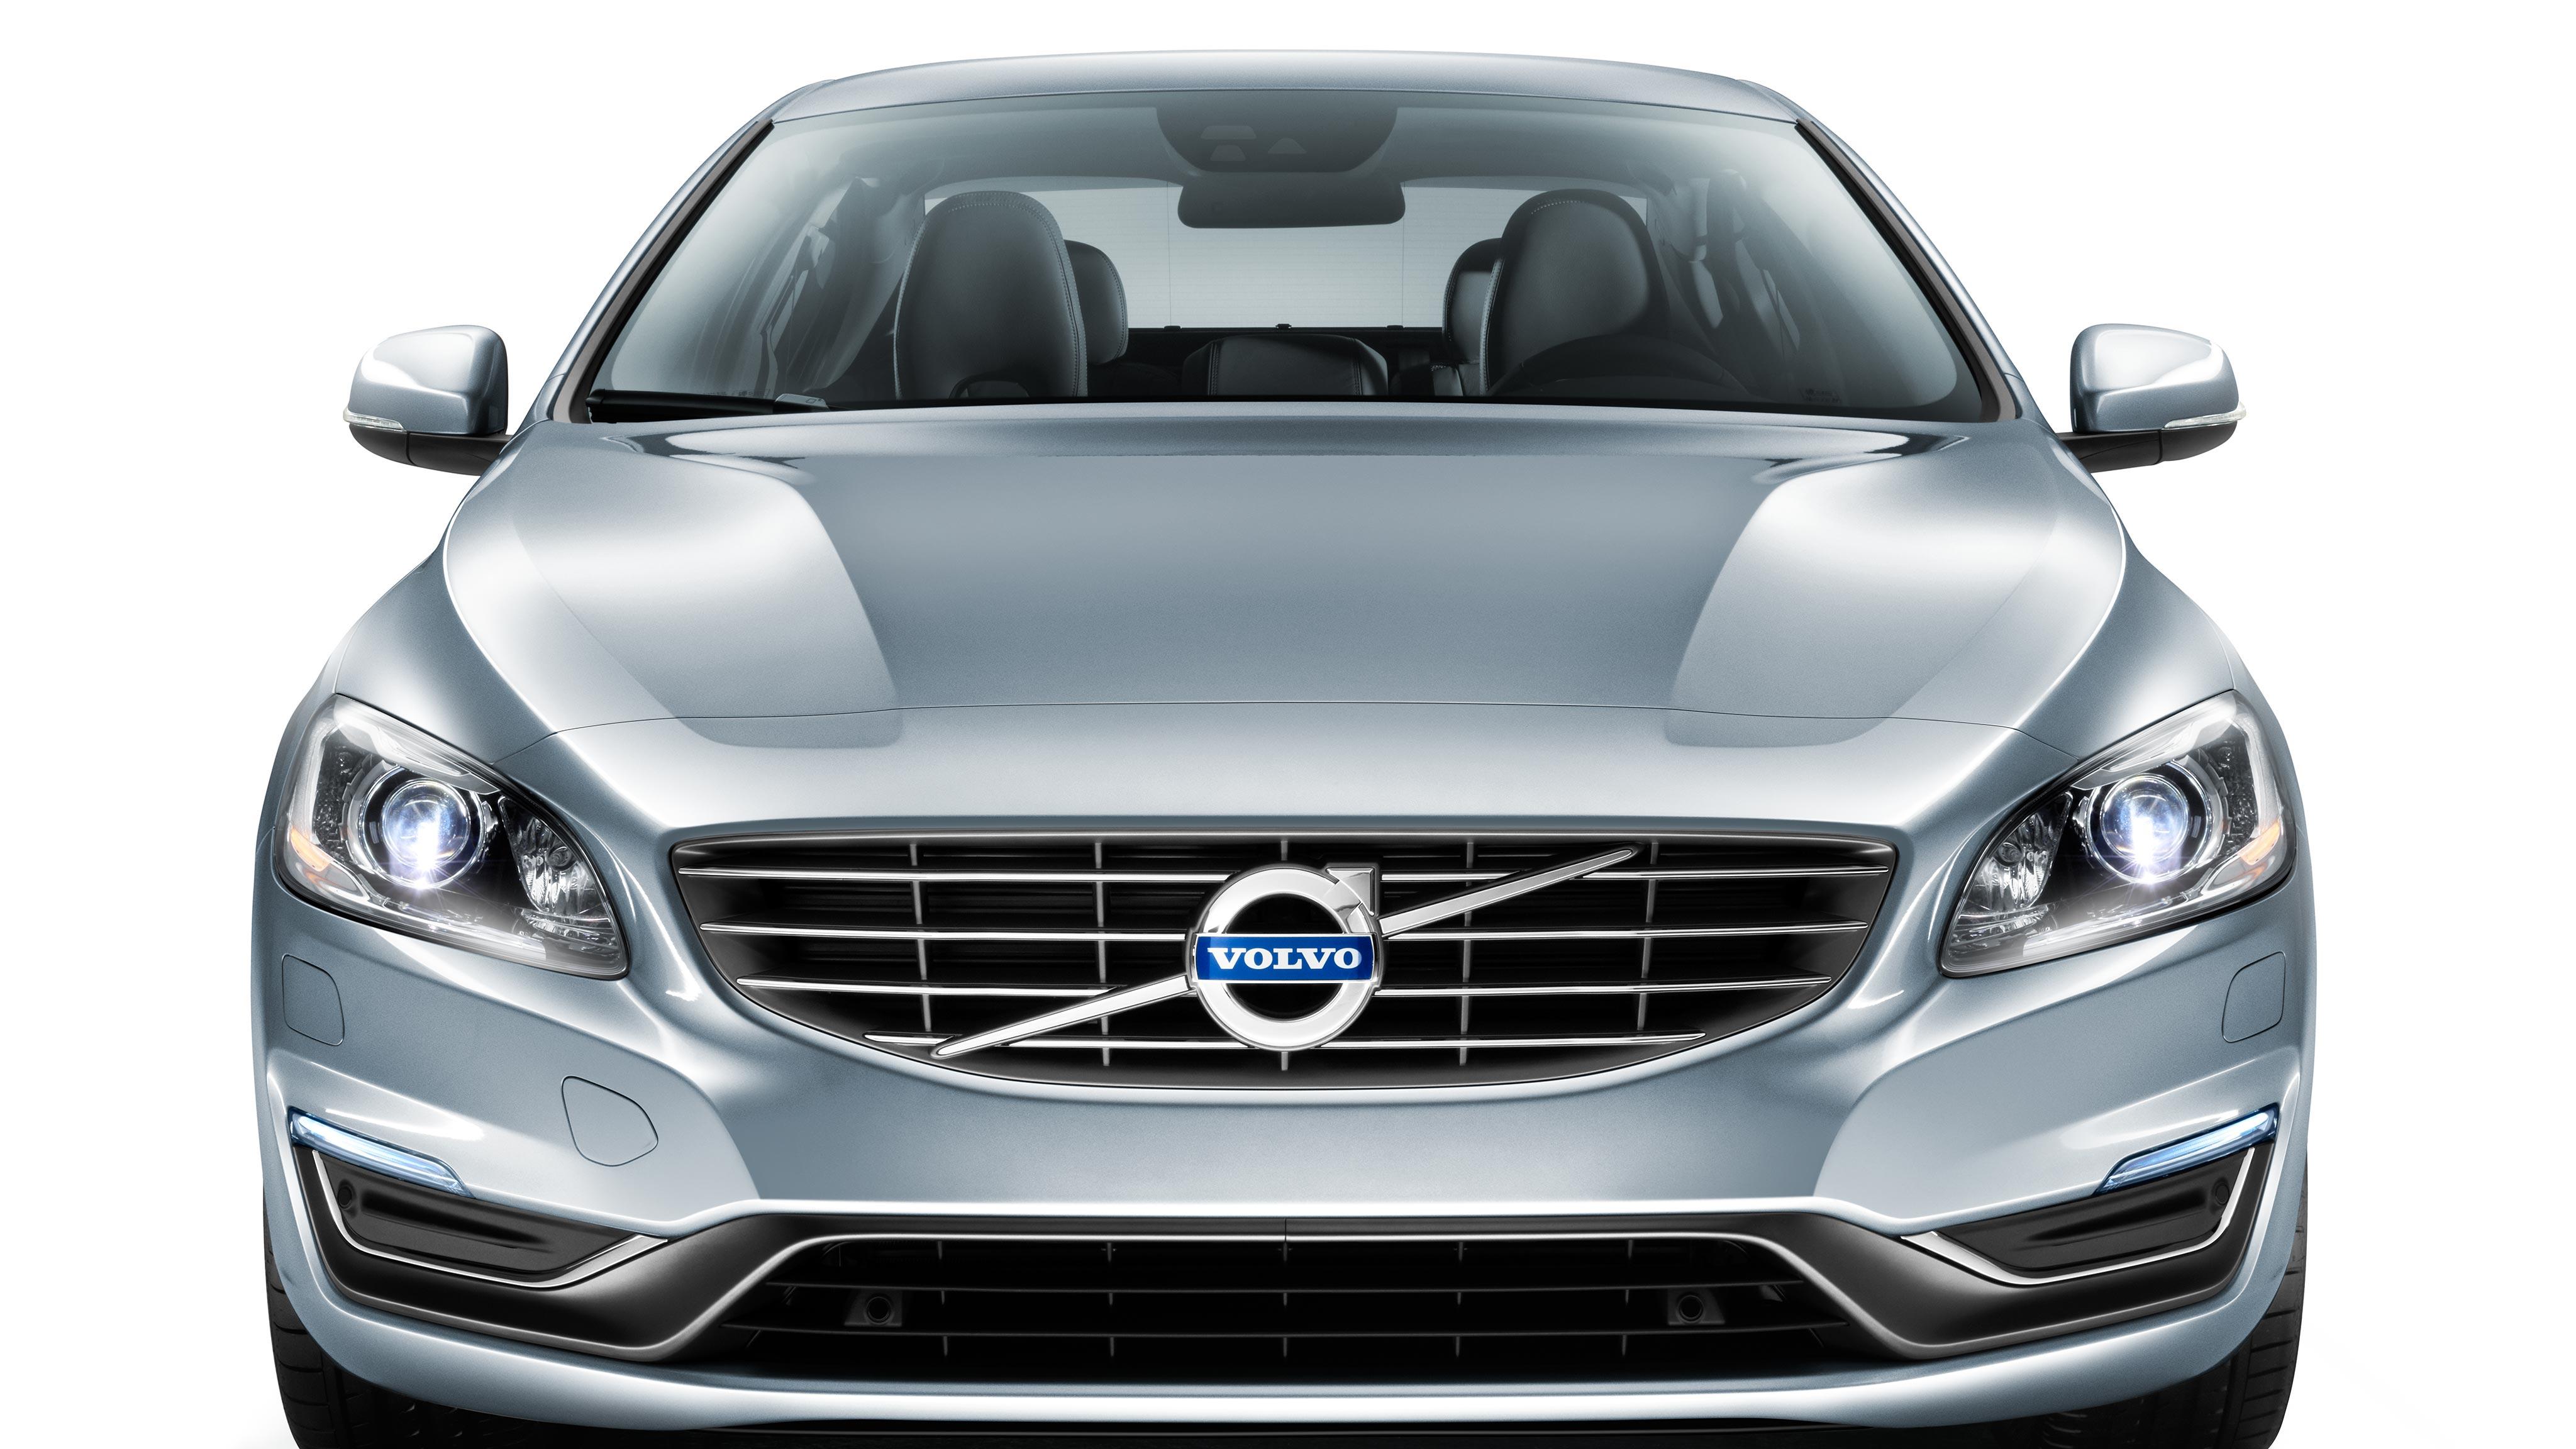 la volvo s60 berline – luxe et confort | belgique | volvo cars